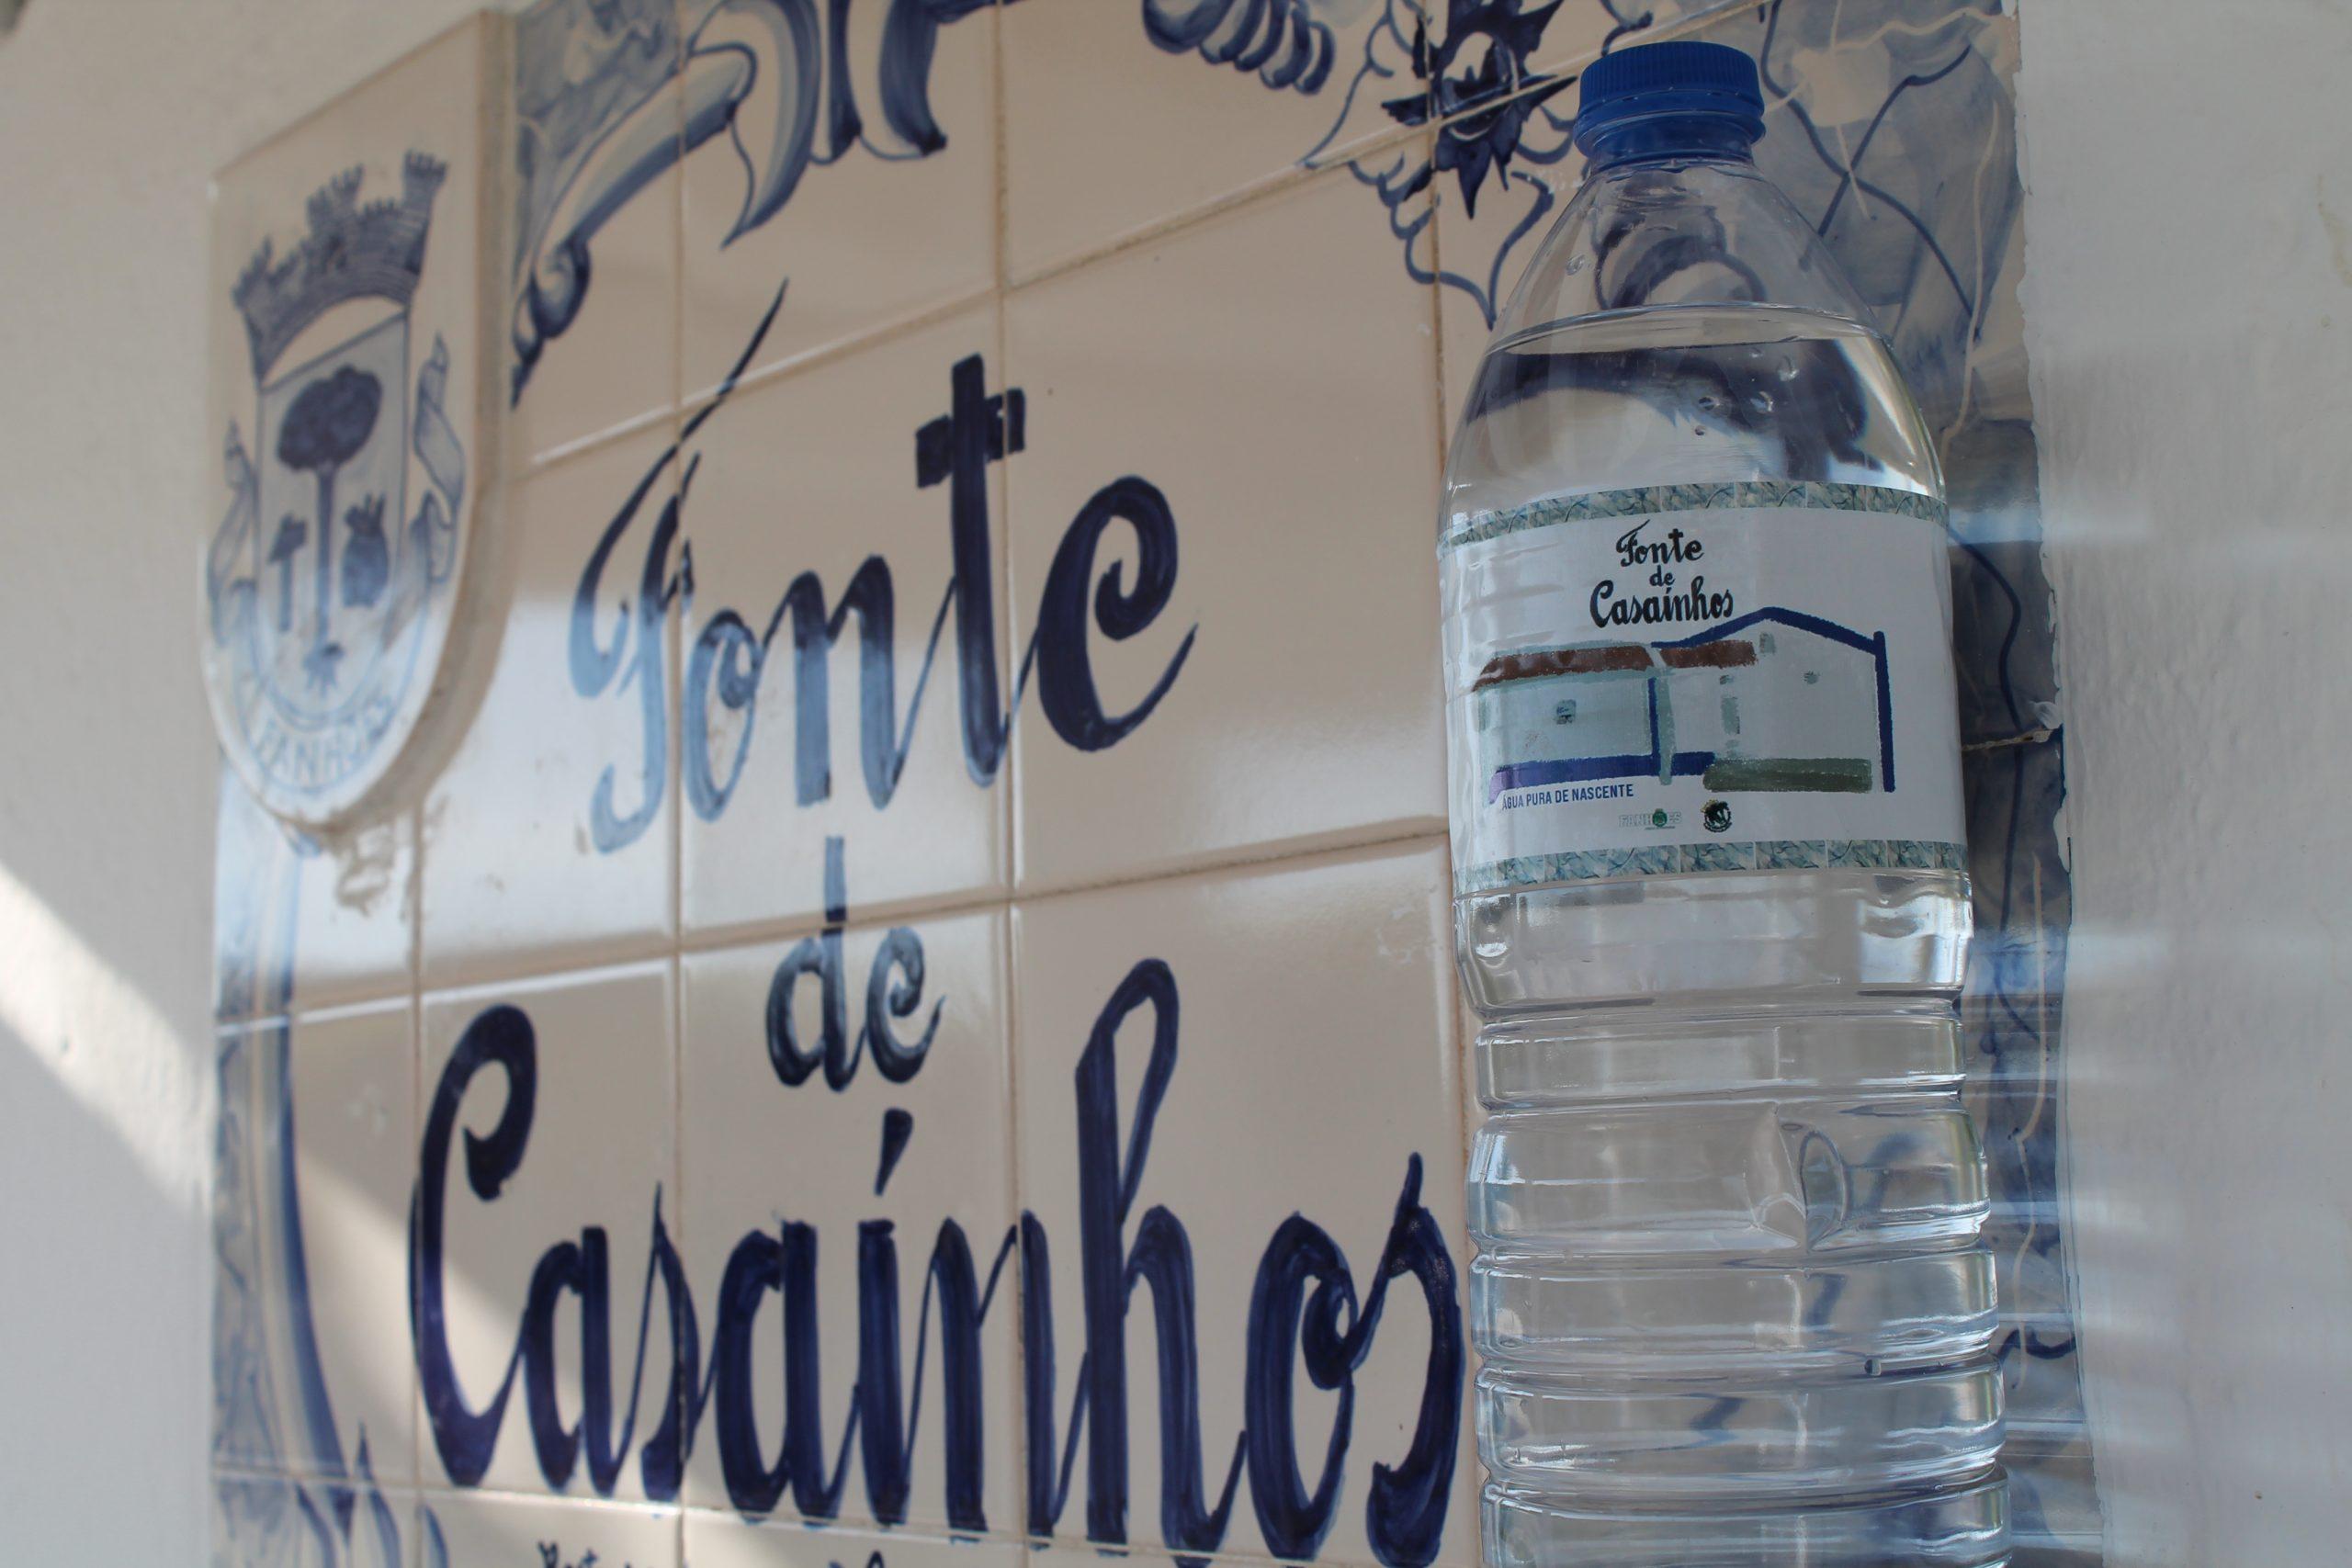 Dia Mundial da Água – A Junta de Freguesia de Fanhões, assinala este dia com a criação de um Rótulo alusivo à recuperação da Nascente da Fonte de Casaínhos.